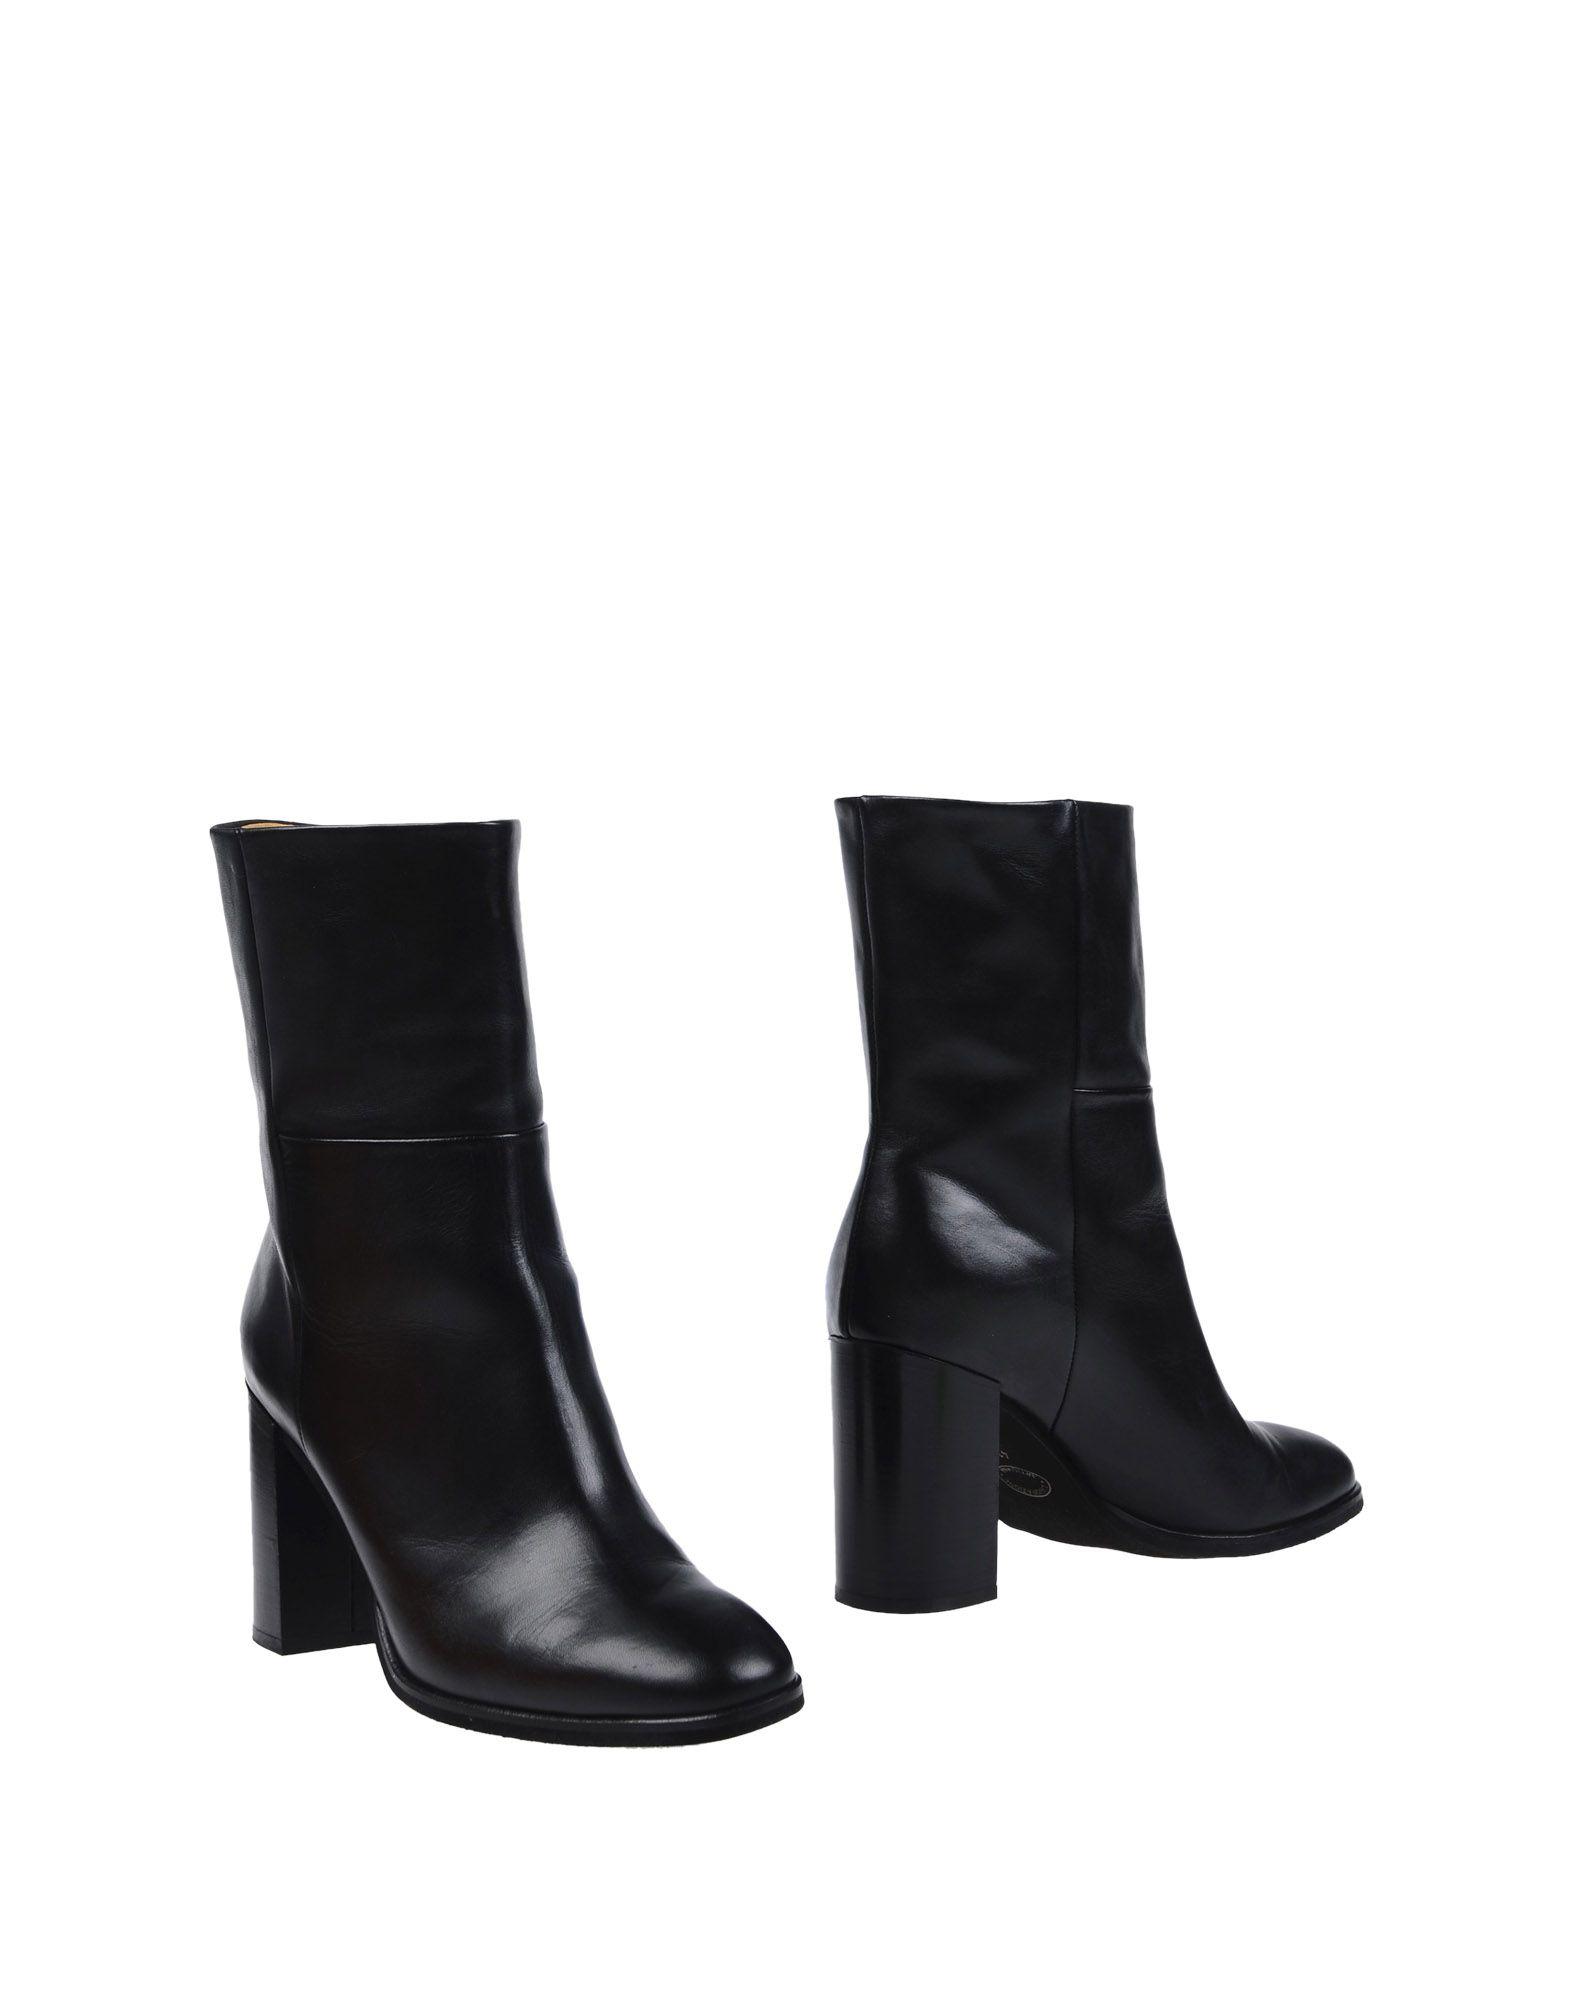 Pf16 Gute Stiefelette Damen  11247895FM Gute Pf16 Qualität beliebte Schuhe 771c67